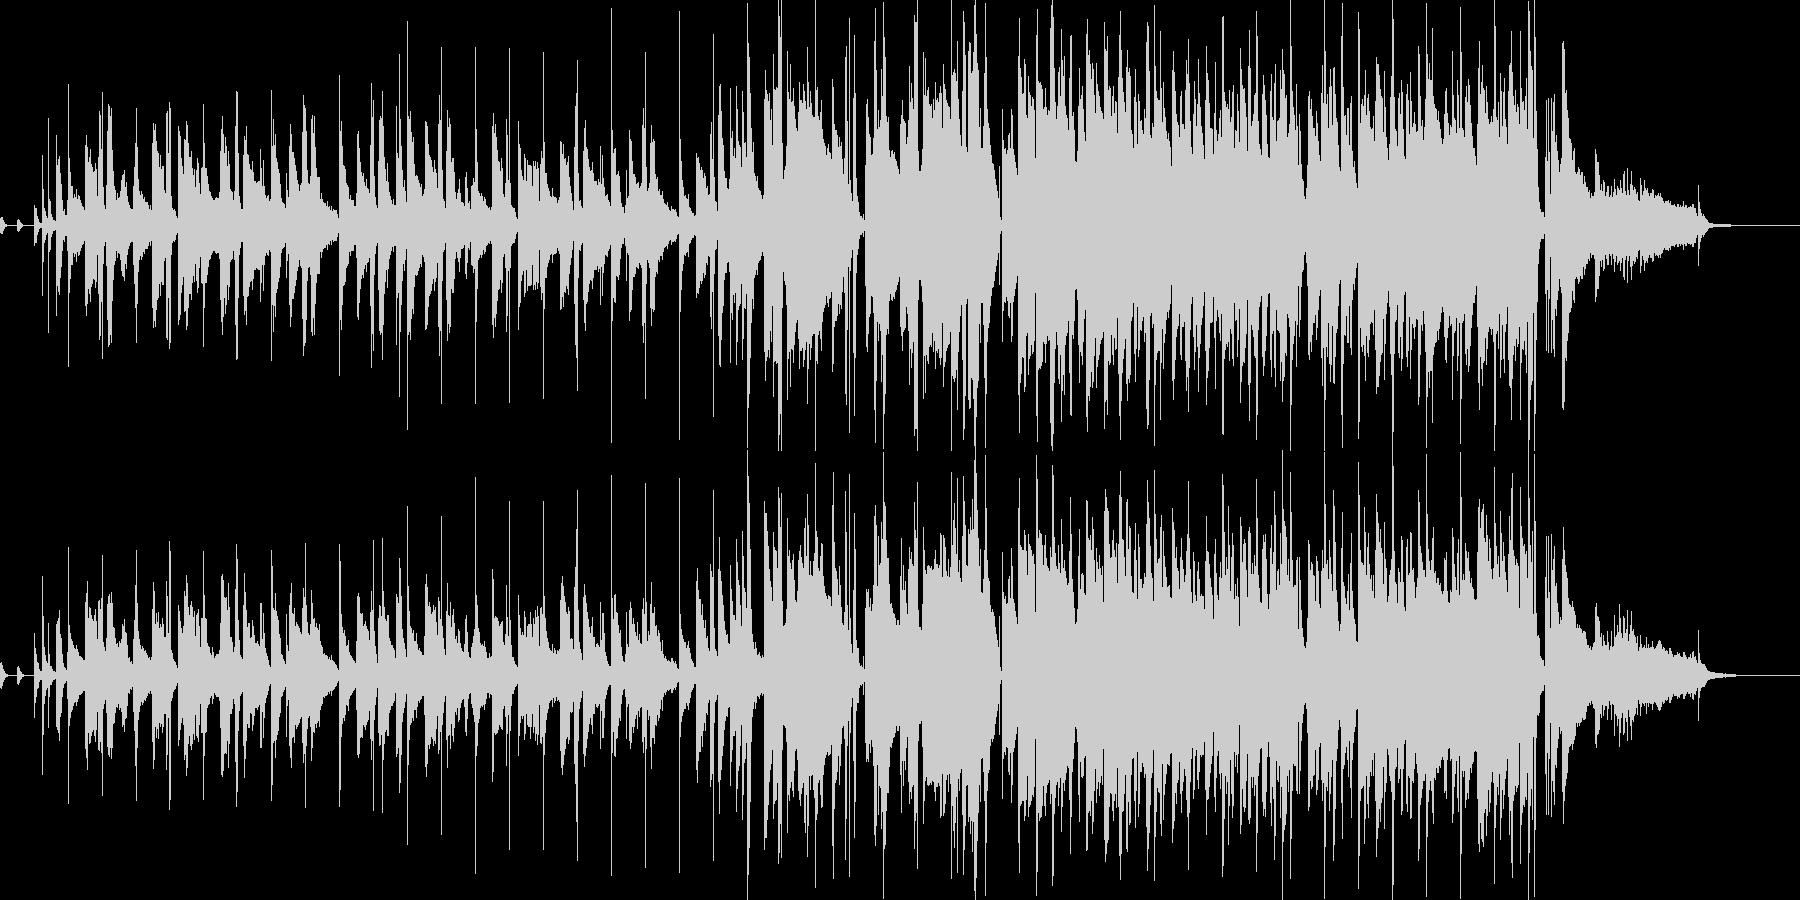 場面: シブくてカッコイイジャズ風の楽曲の未再生の波形